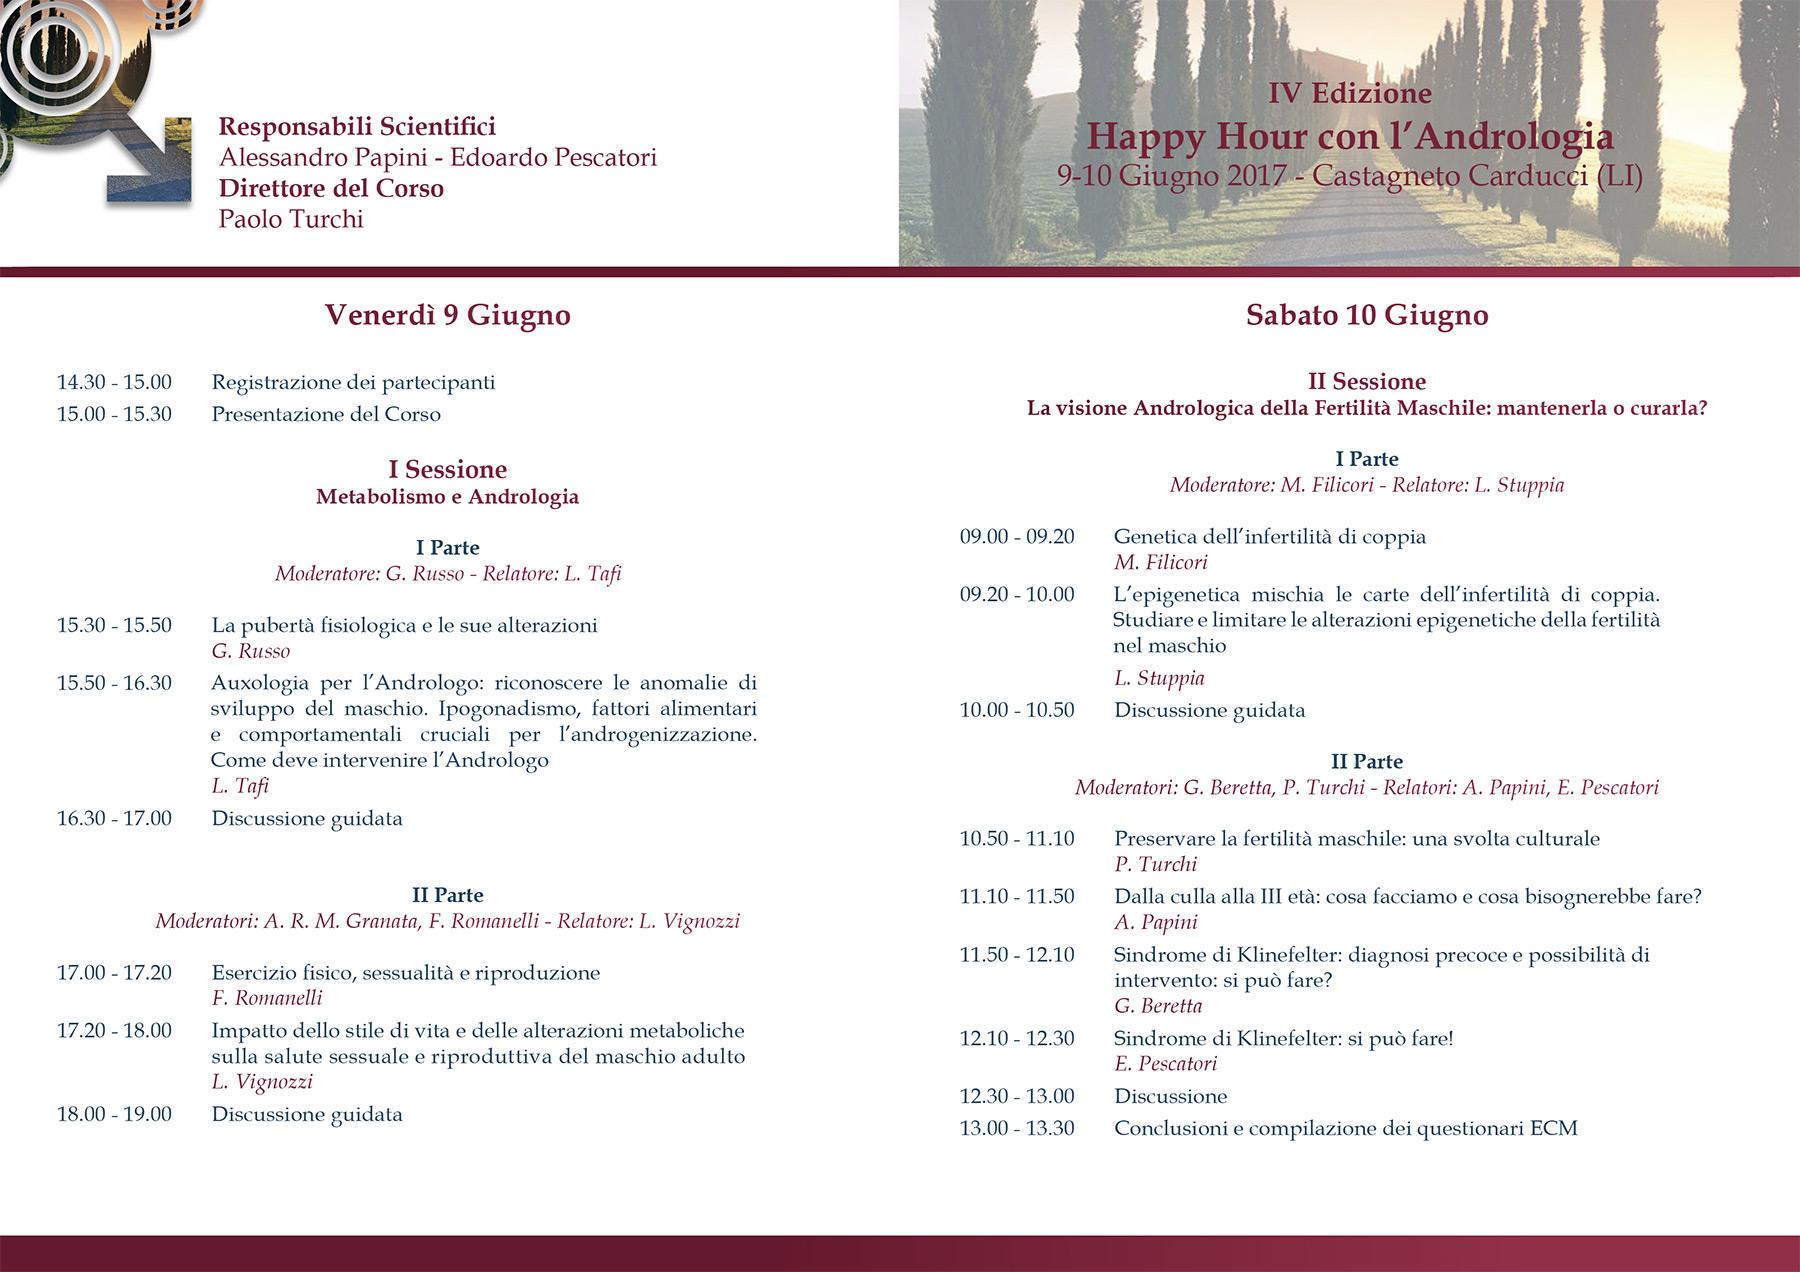 IV-Edizione-Happy-Hour-con-lAndrologia-9-10-Giugno-2017---Castagneto-Carducci-2